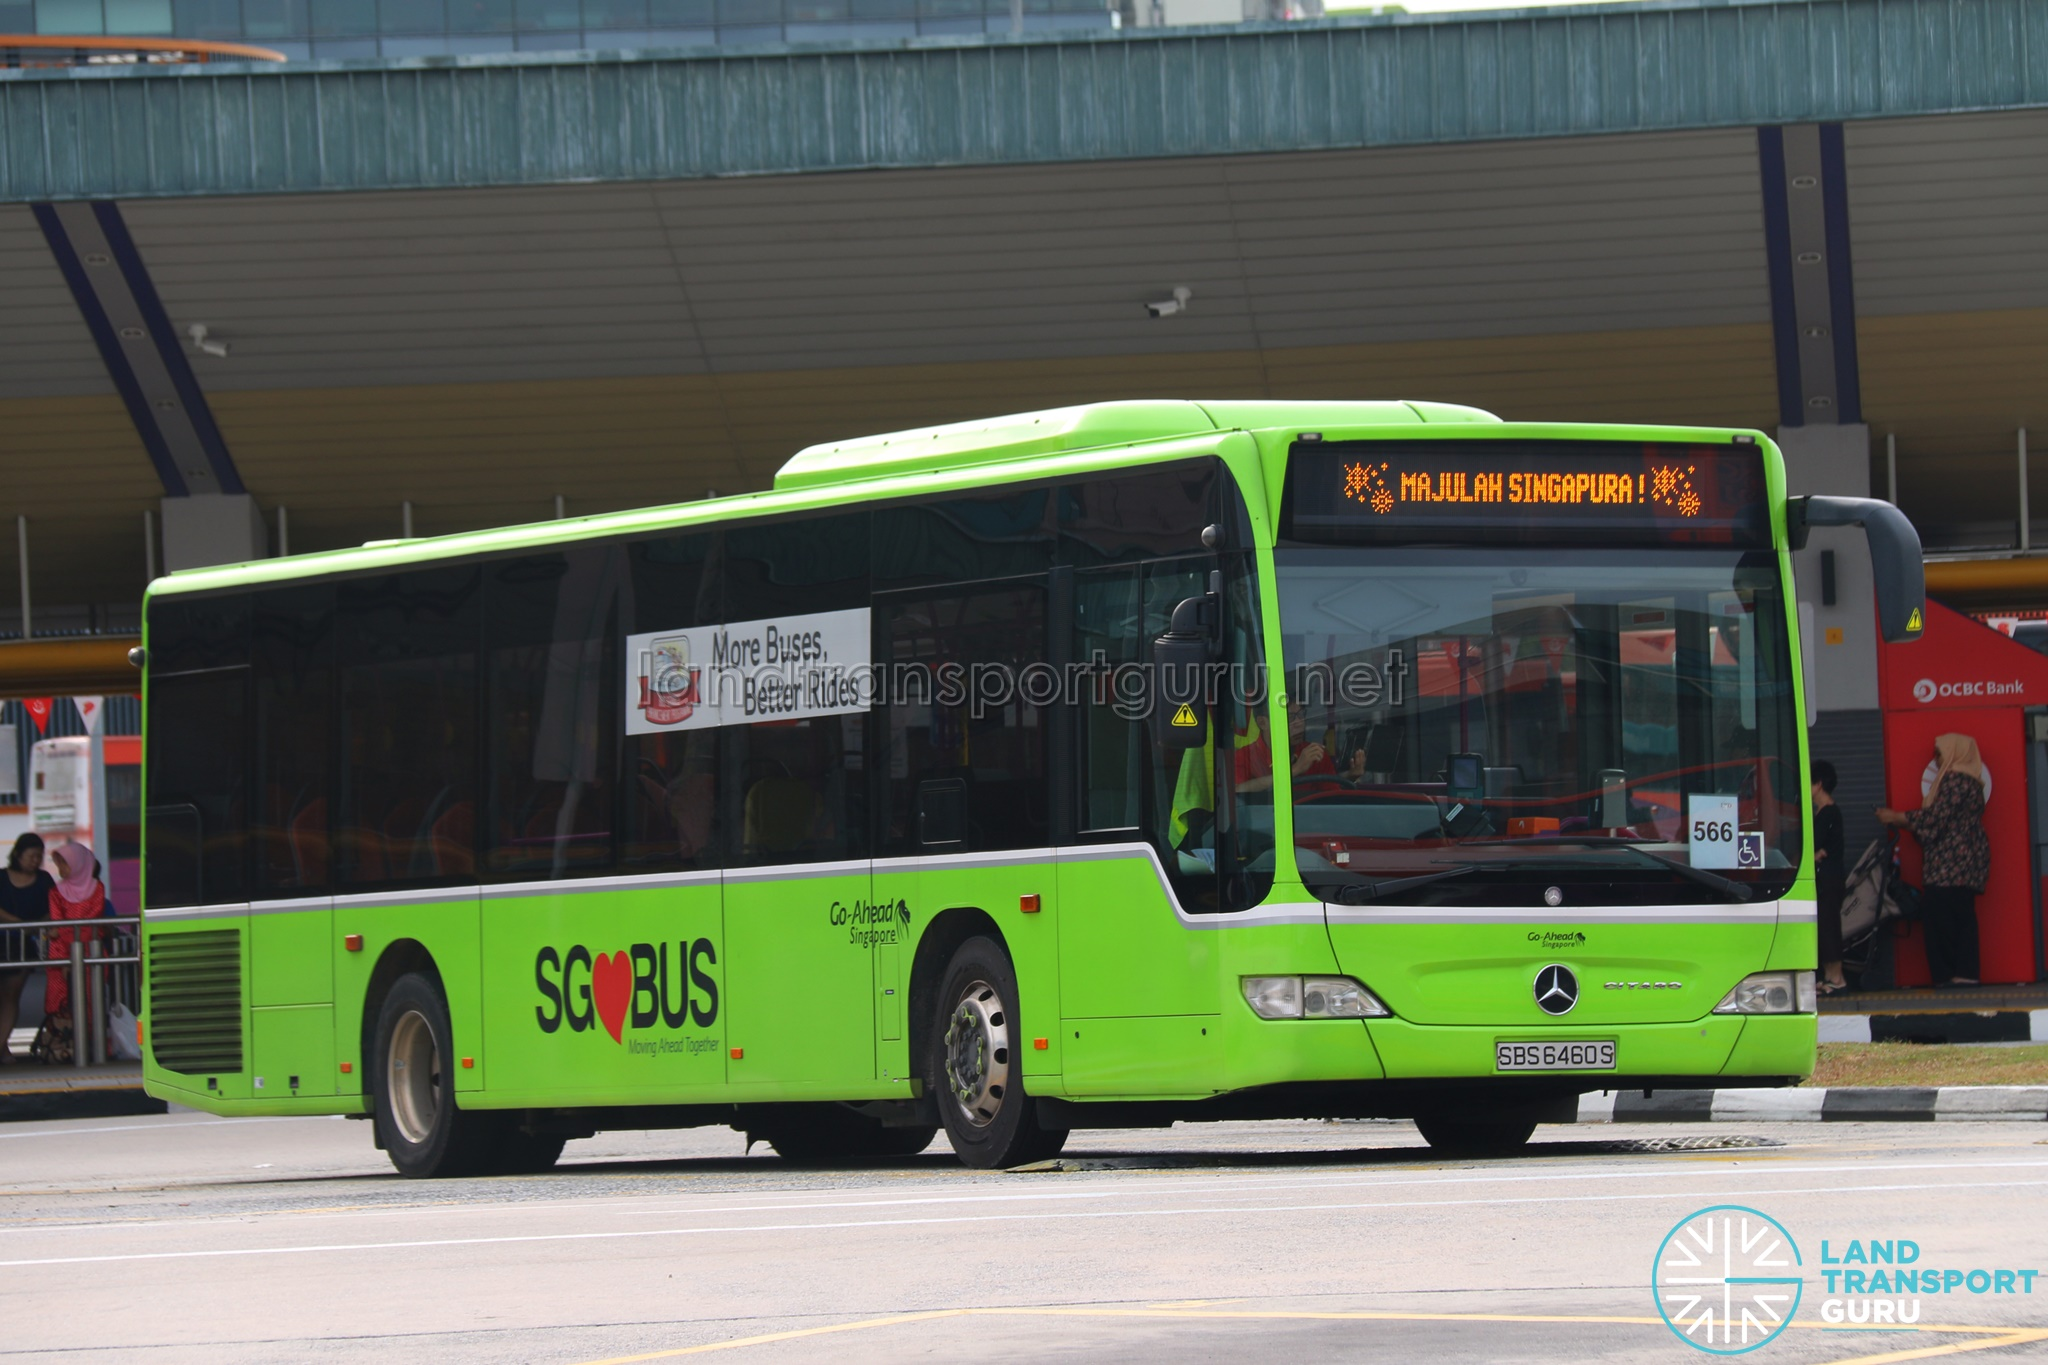 Go-Ahead Singapore - Majulah Singapura